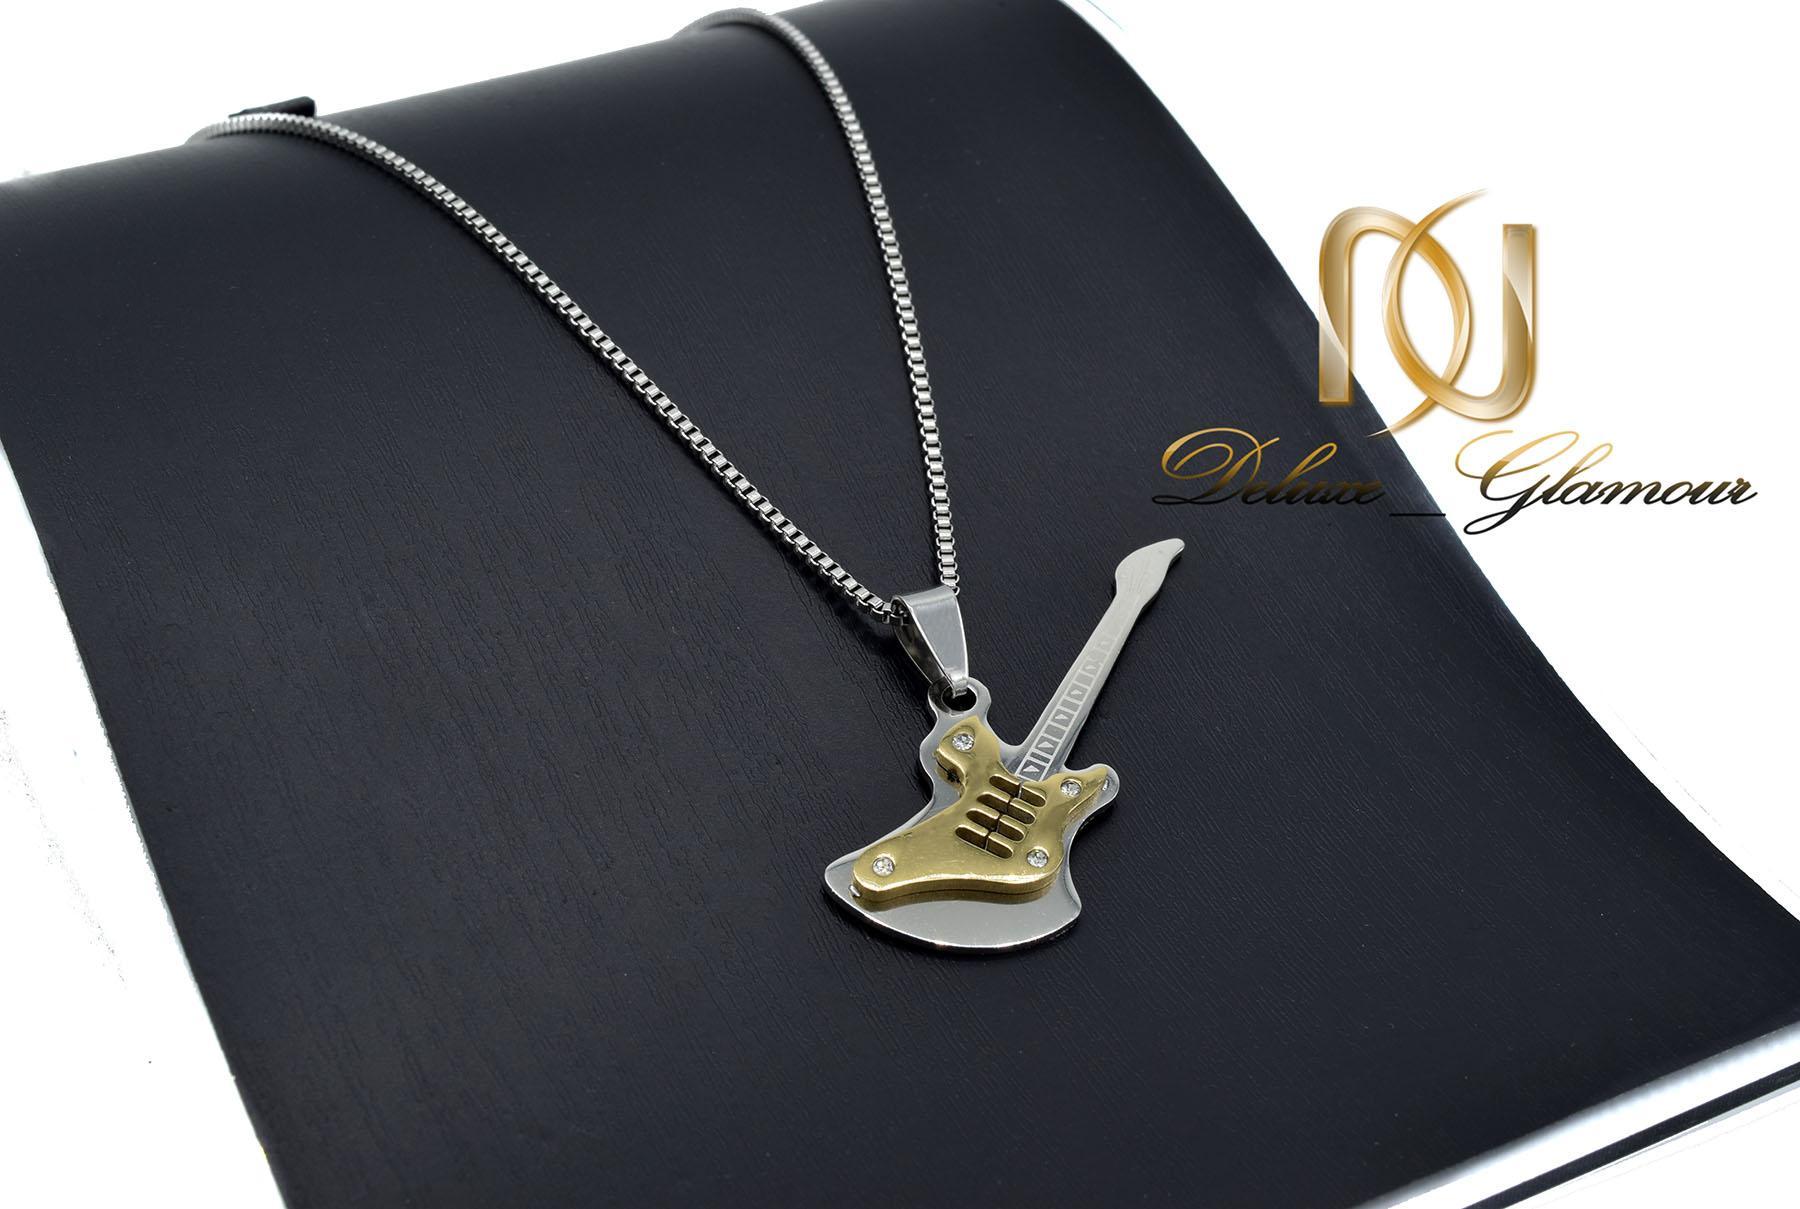 گردنبند اسپرت استیل طرح گیتار طلایی nw-n527 از نمای مشکی